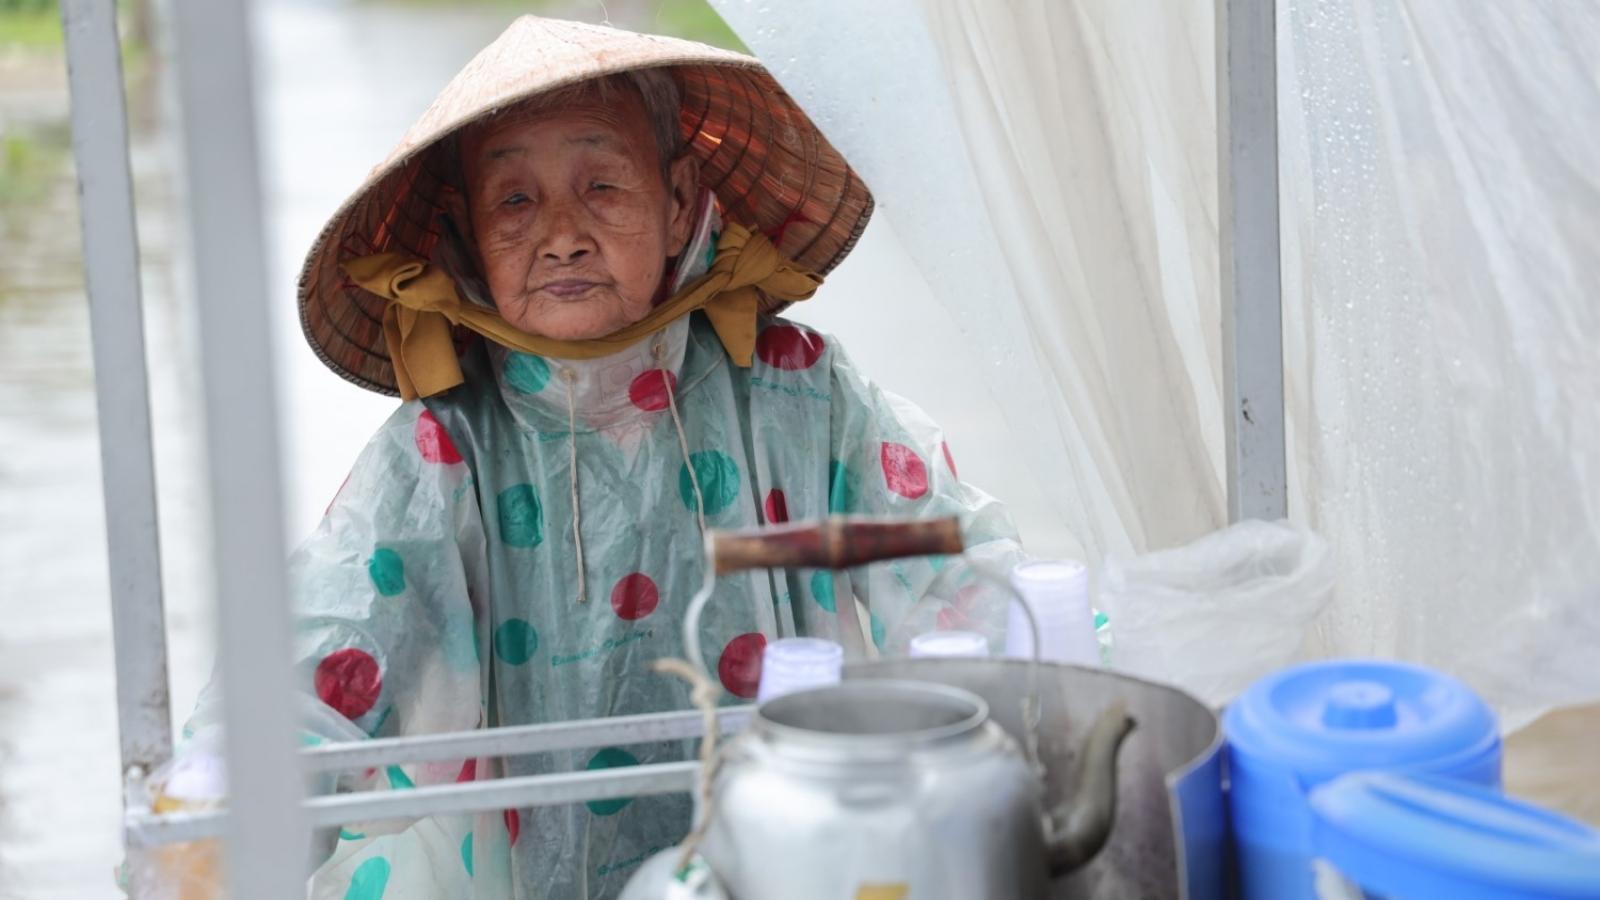 Gánh tàu hũ 30 năm nức tiếng Cà Mau của cụ bà 81 tuổi nuôi 3 cháu